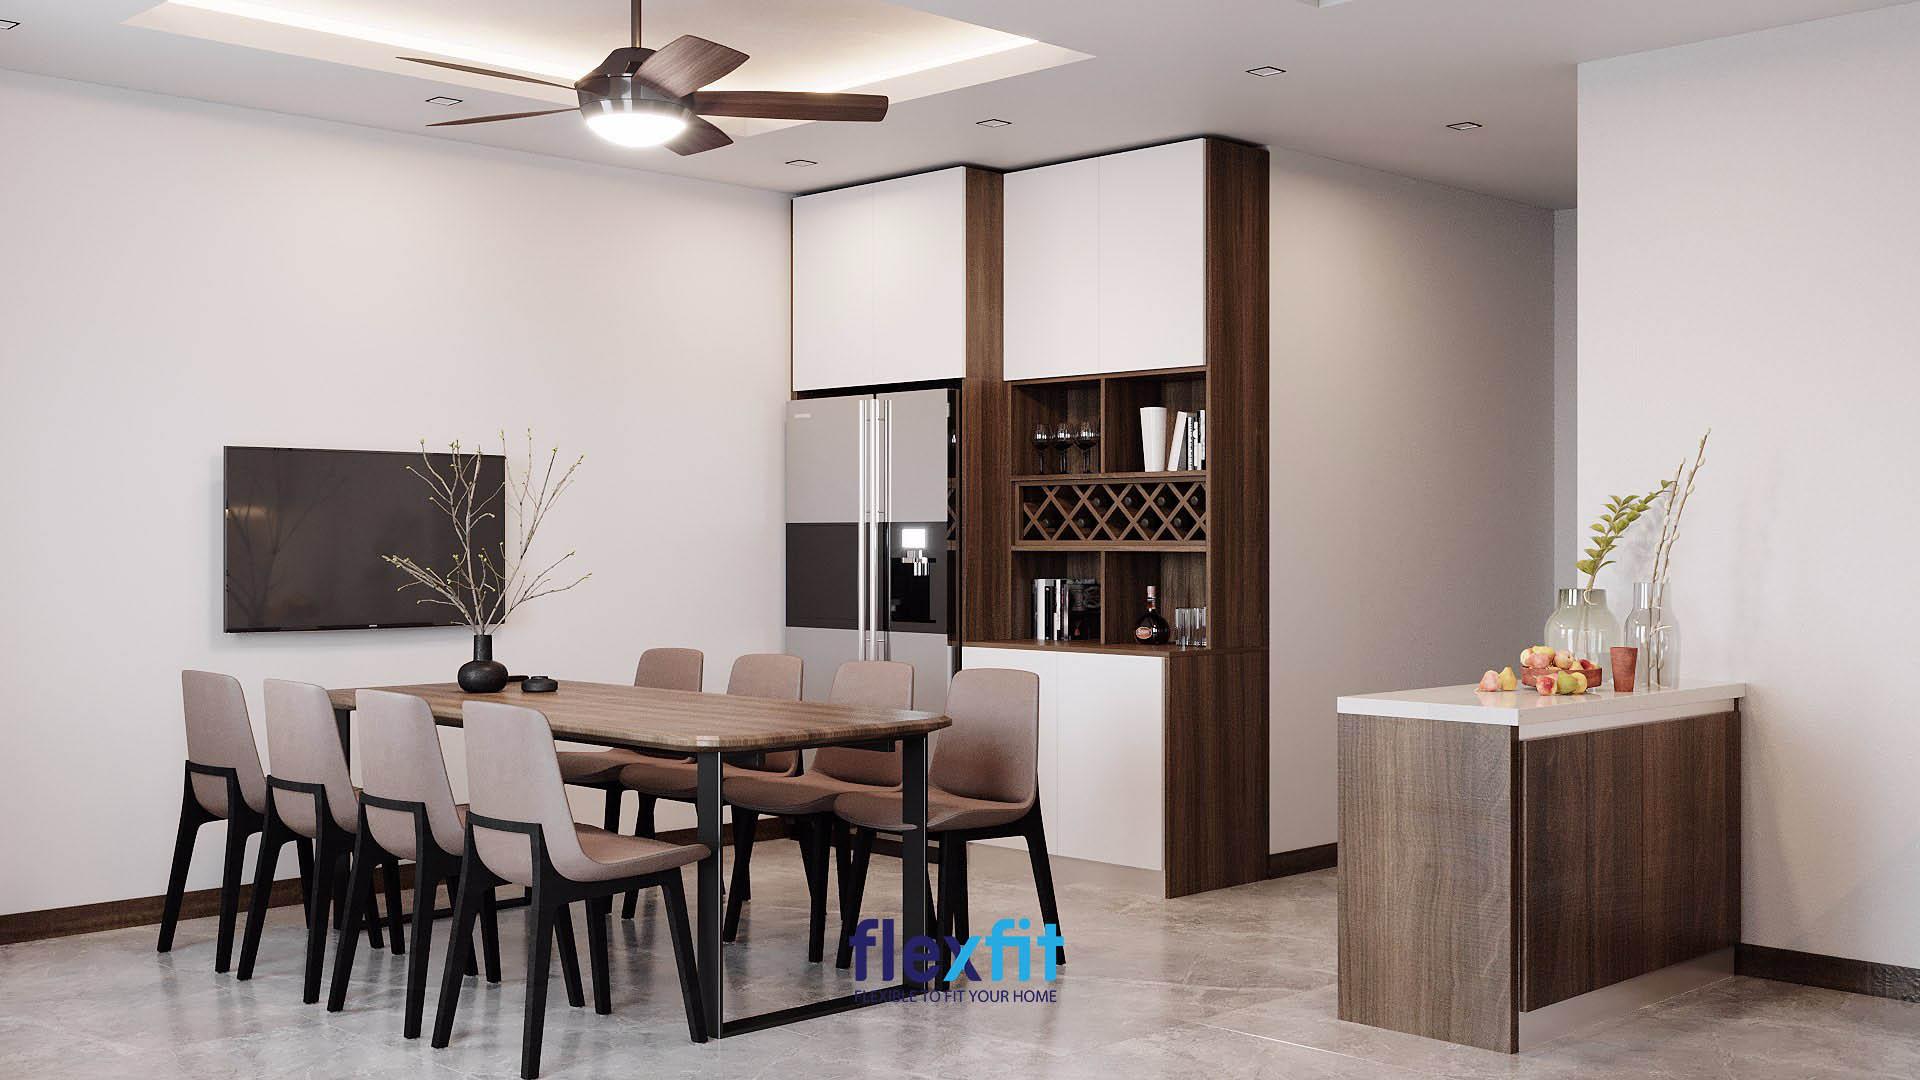 Nâu là sắc màu phù hợp với mệnh Mộc khi thiết kế không gian bếp.